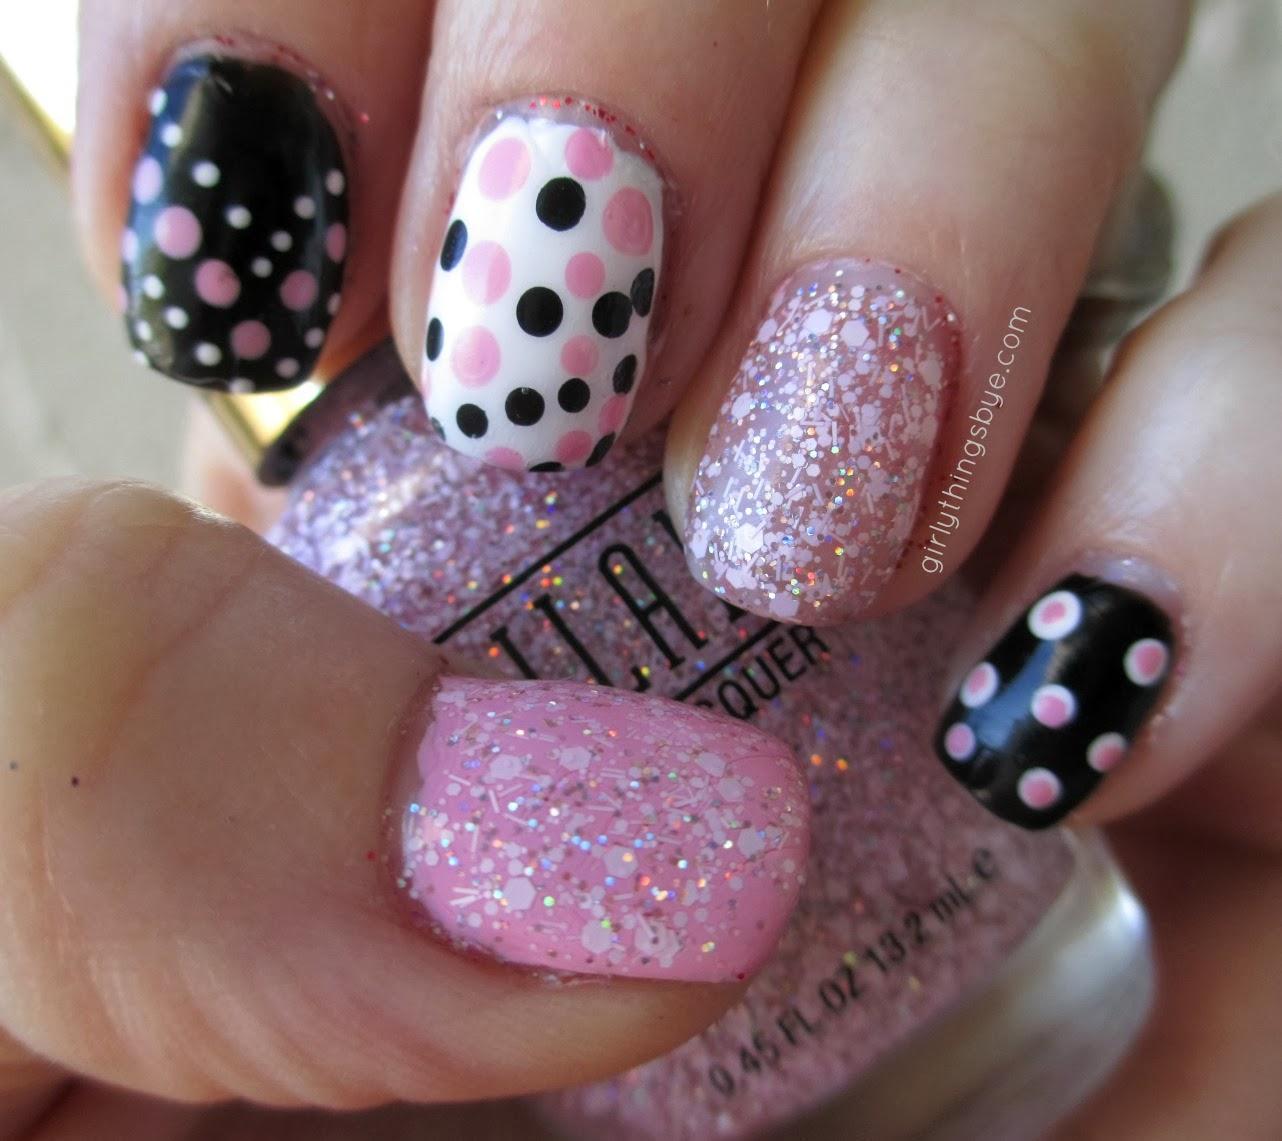 Milani Nail Lacquer, Sugar Burst, @girlythingsby_e